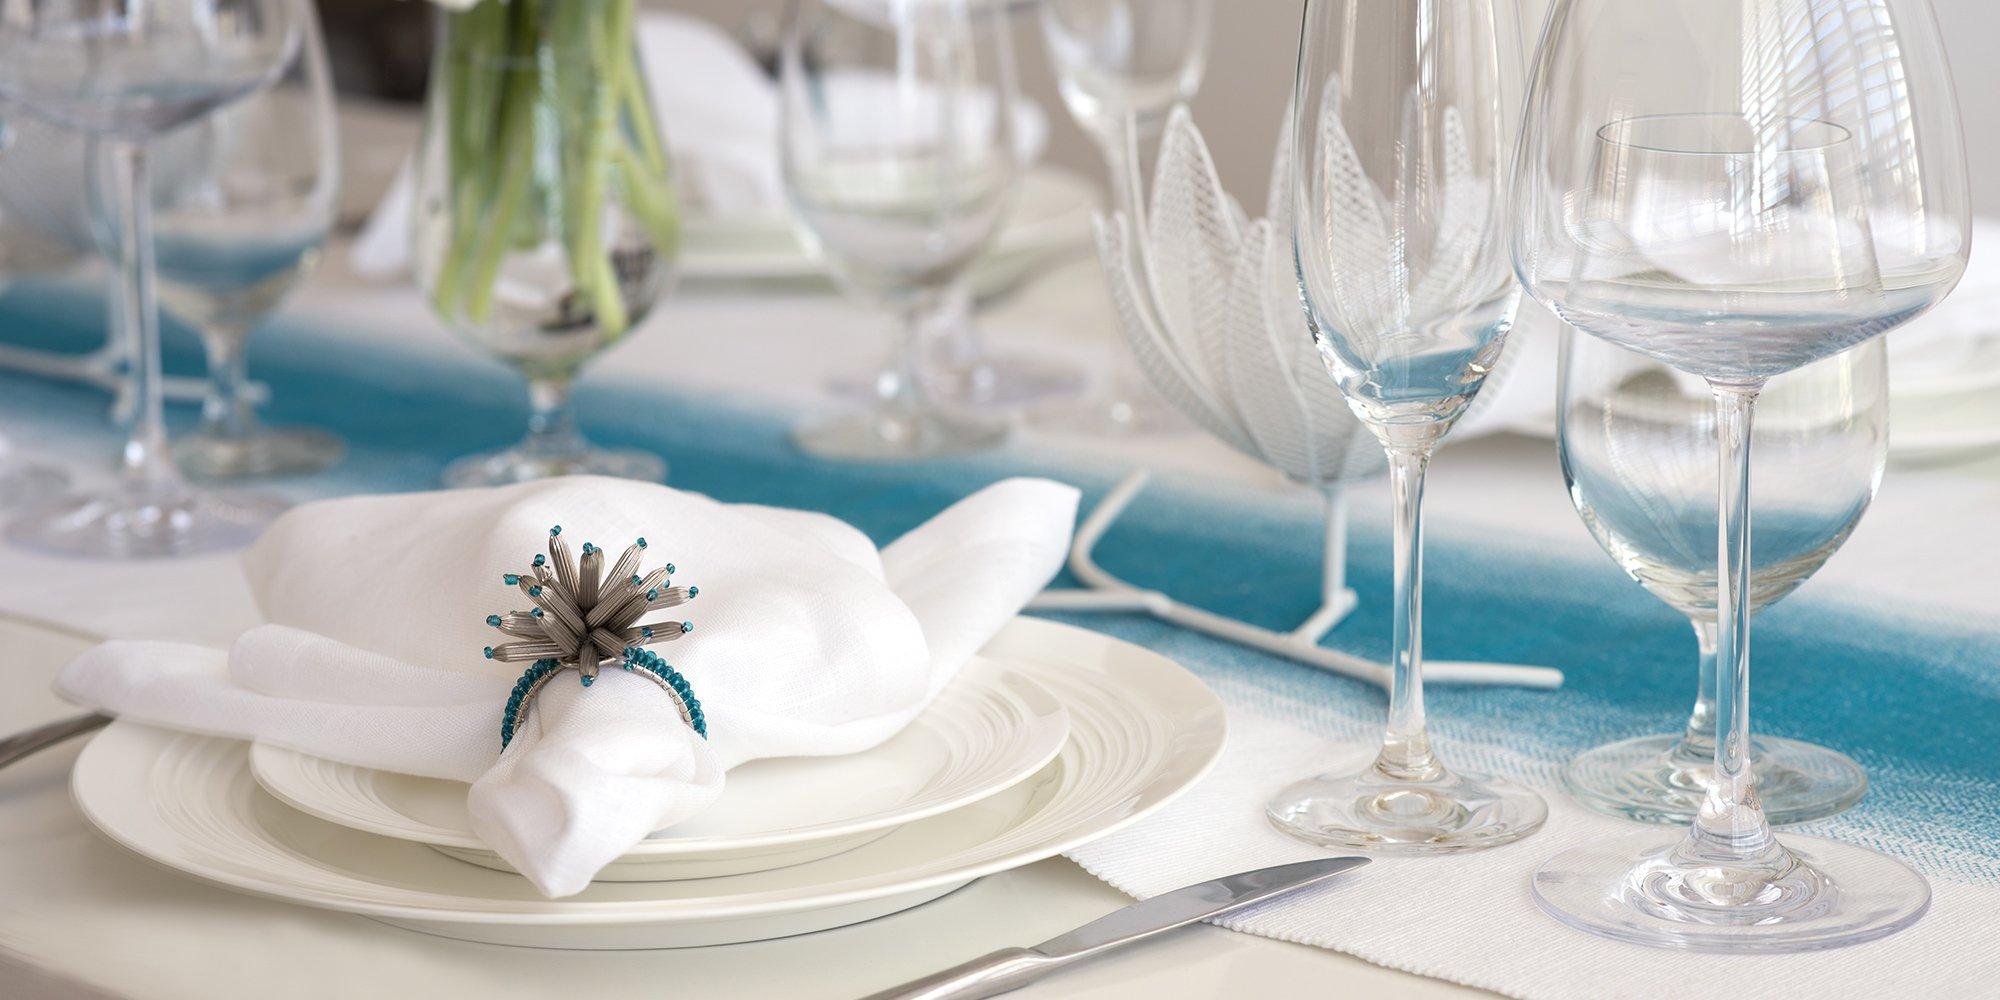 Piatti e bicchieri sul tavolo da pranzo